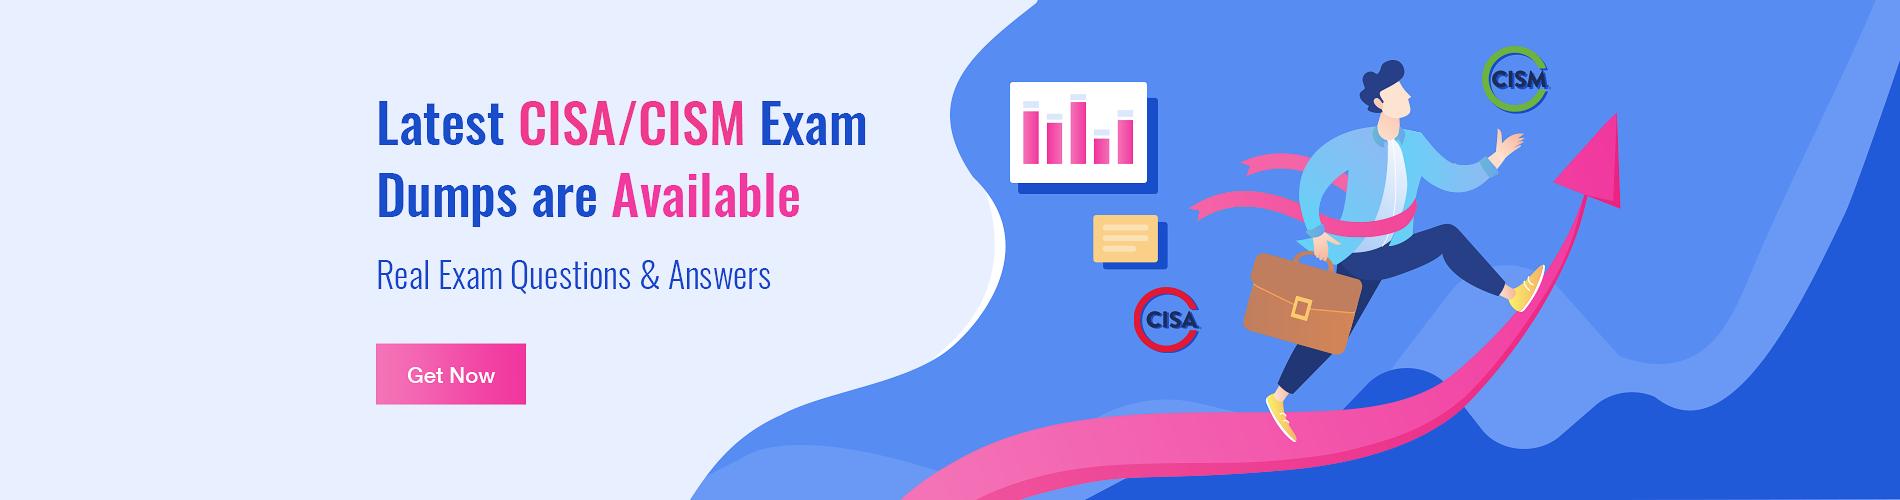 Latest CISA/CISM Exam Dumps